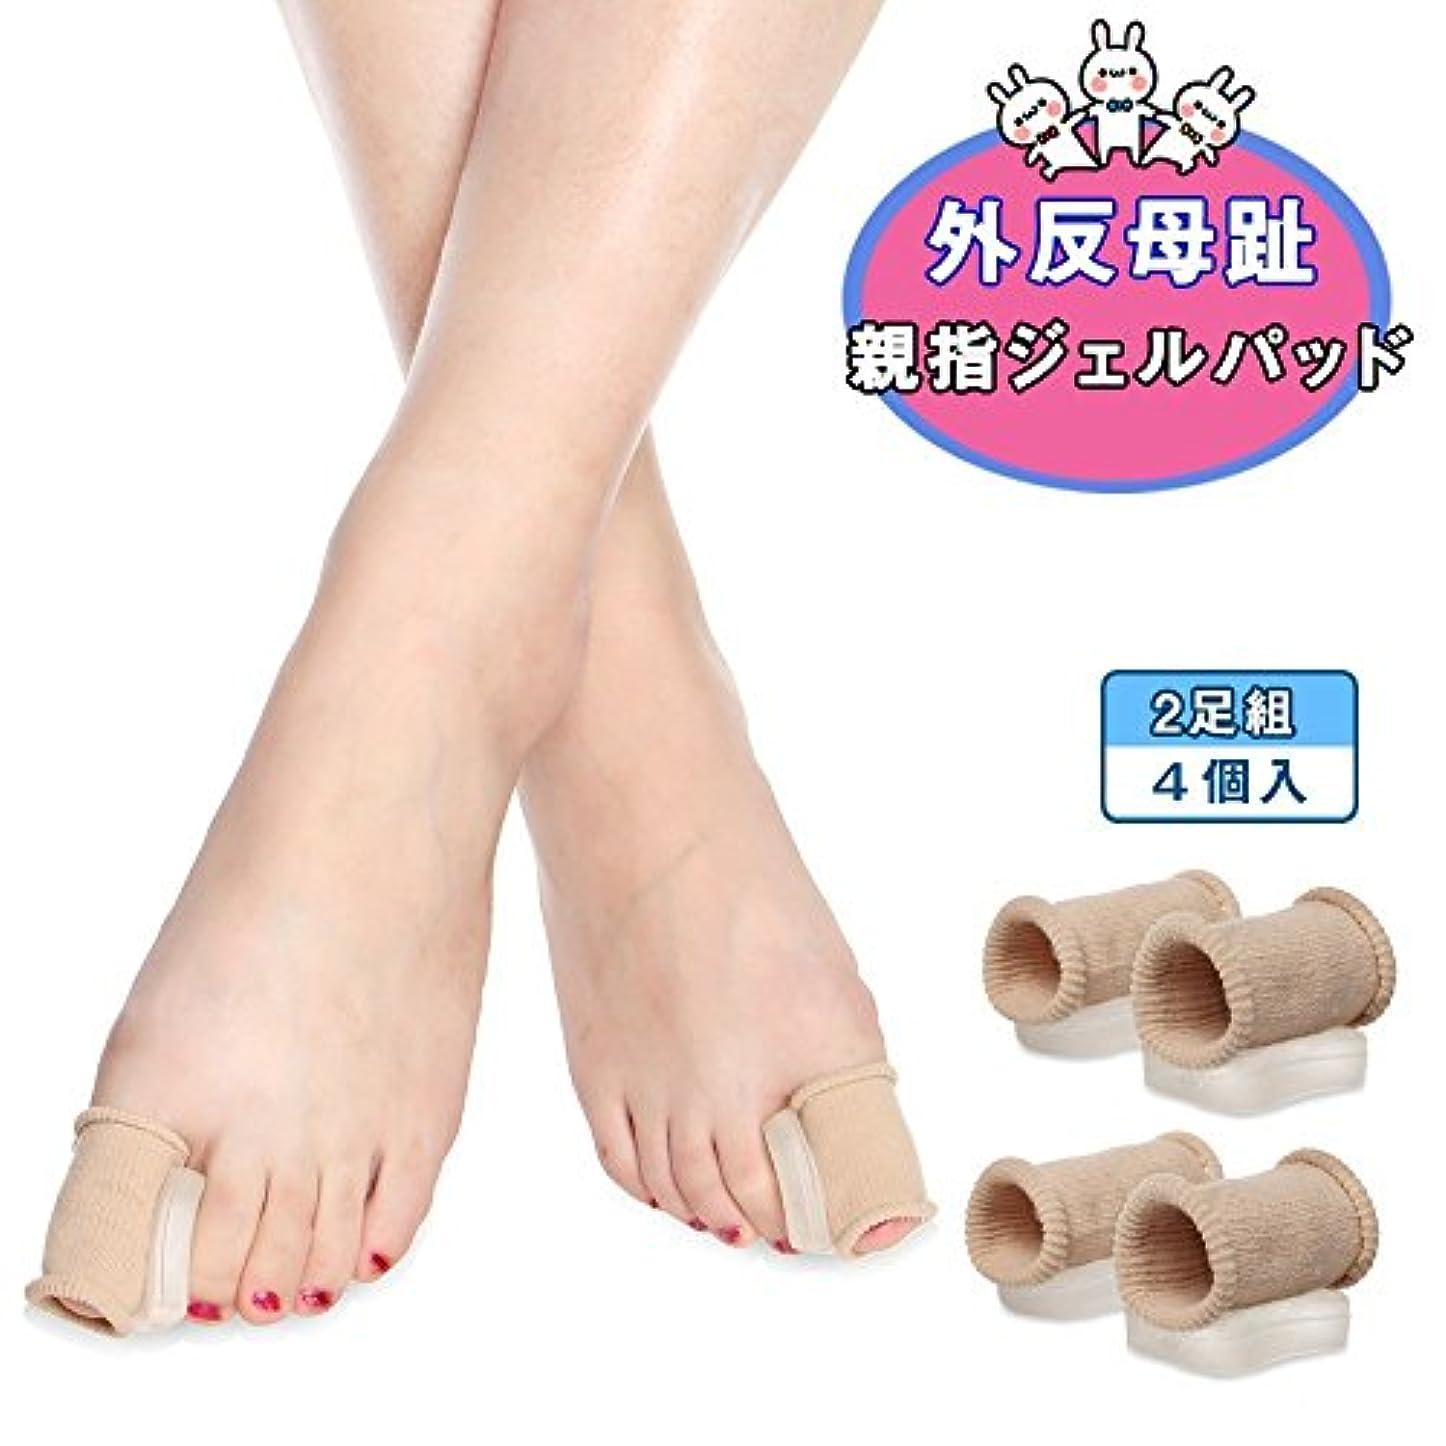 計算する松の木桃Lucktao 親指ジェルパッド, 外反母趾サポーター 指間ジェルパッド つま先矯正 足用保護パッド 足指セパレーター 親指曲がりの緩和 足指サポーター 4個入り